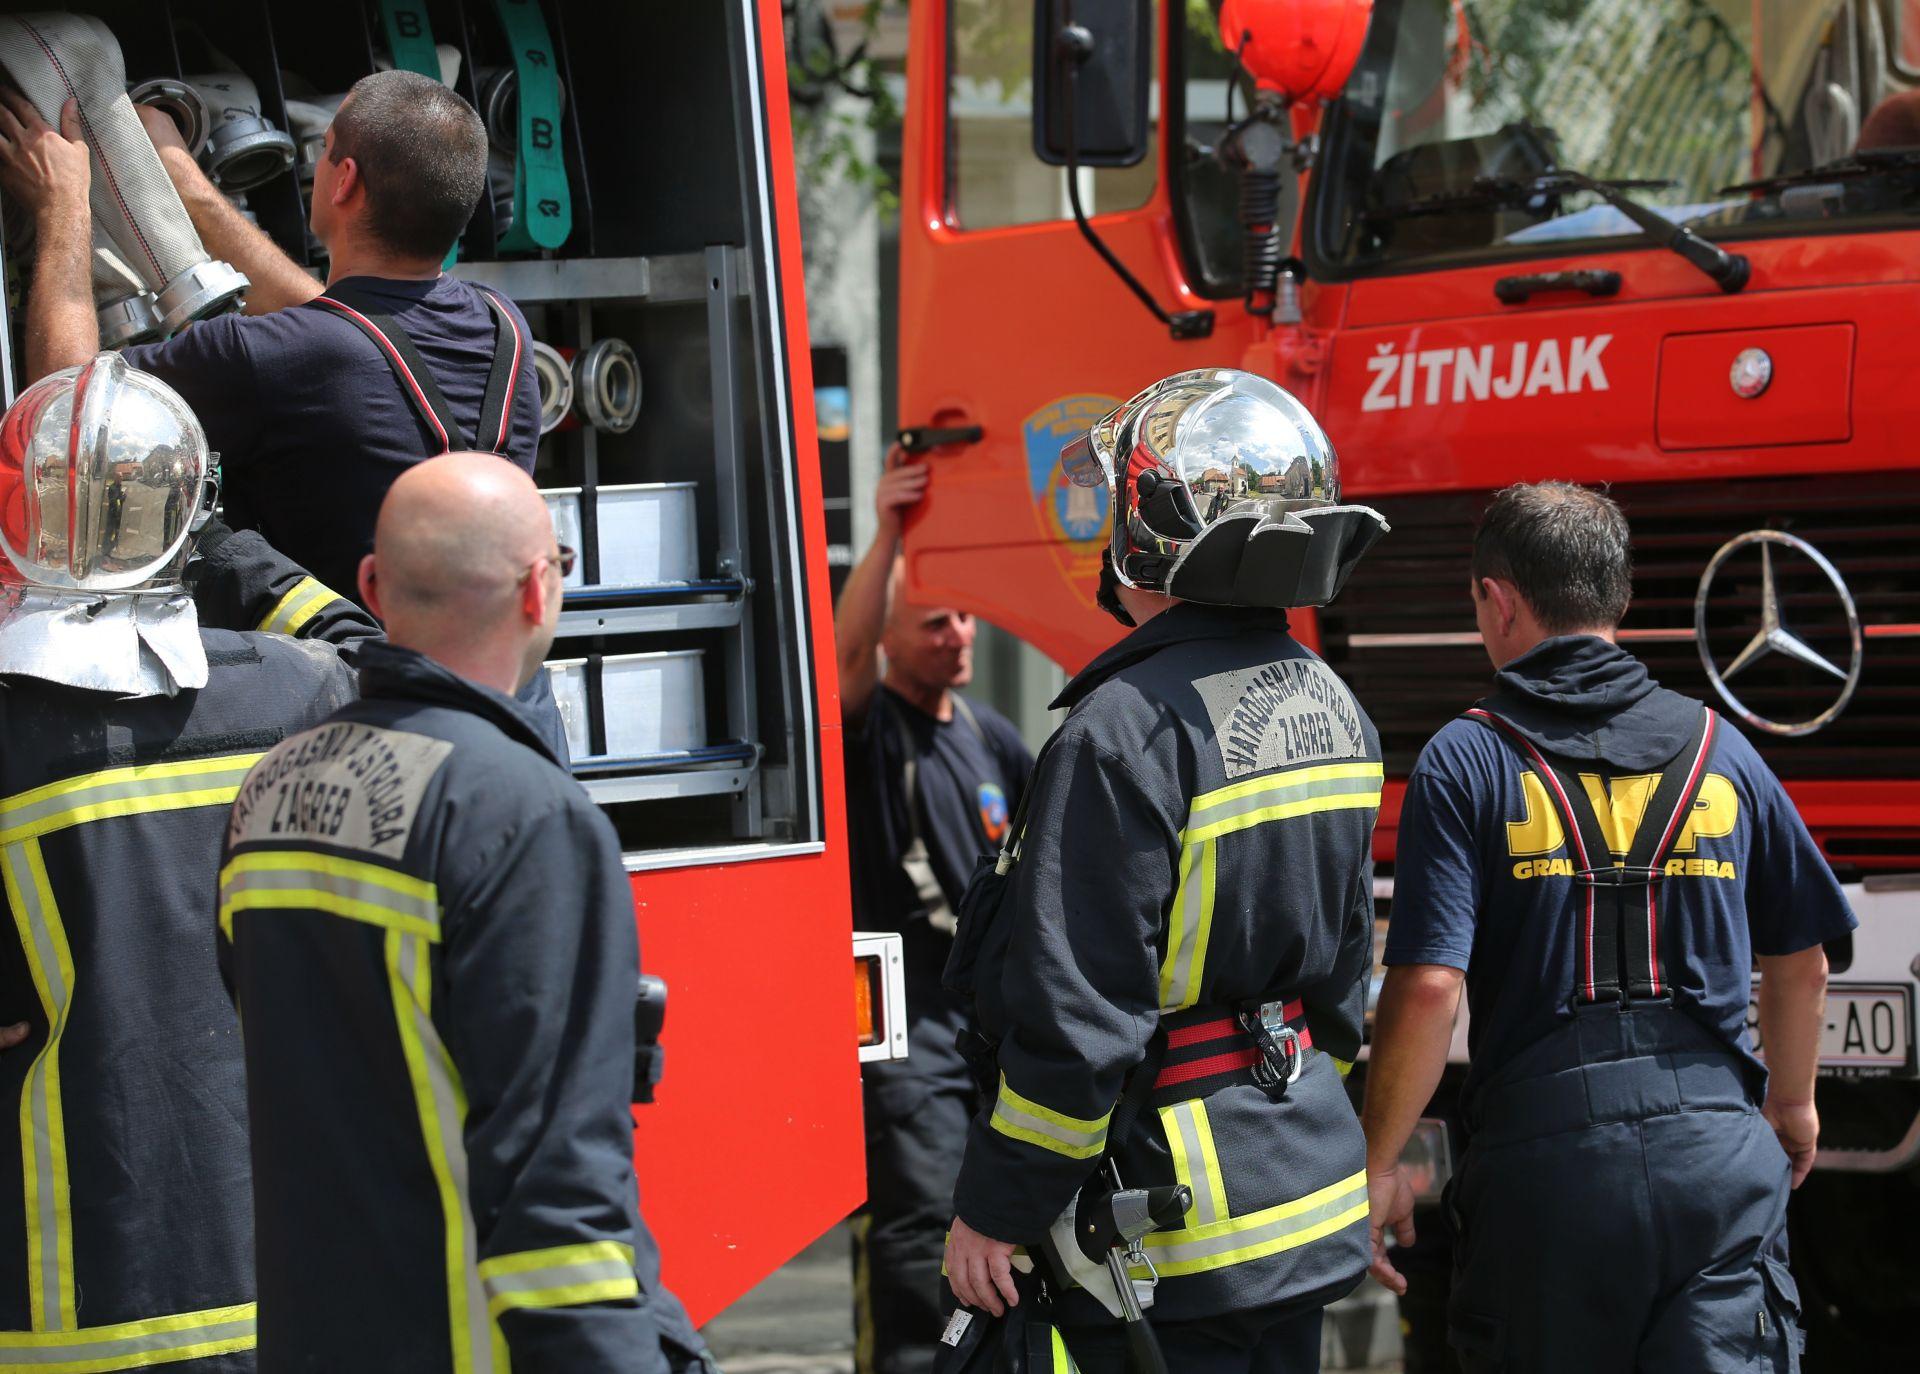 JEDNA OSOBA LAKŠE OZLIJEĐENA: Požar u zgradi na zagrebačkom Jarunu